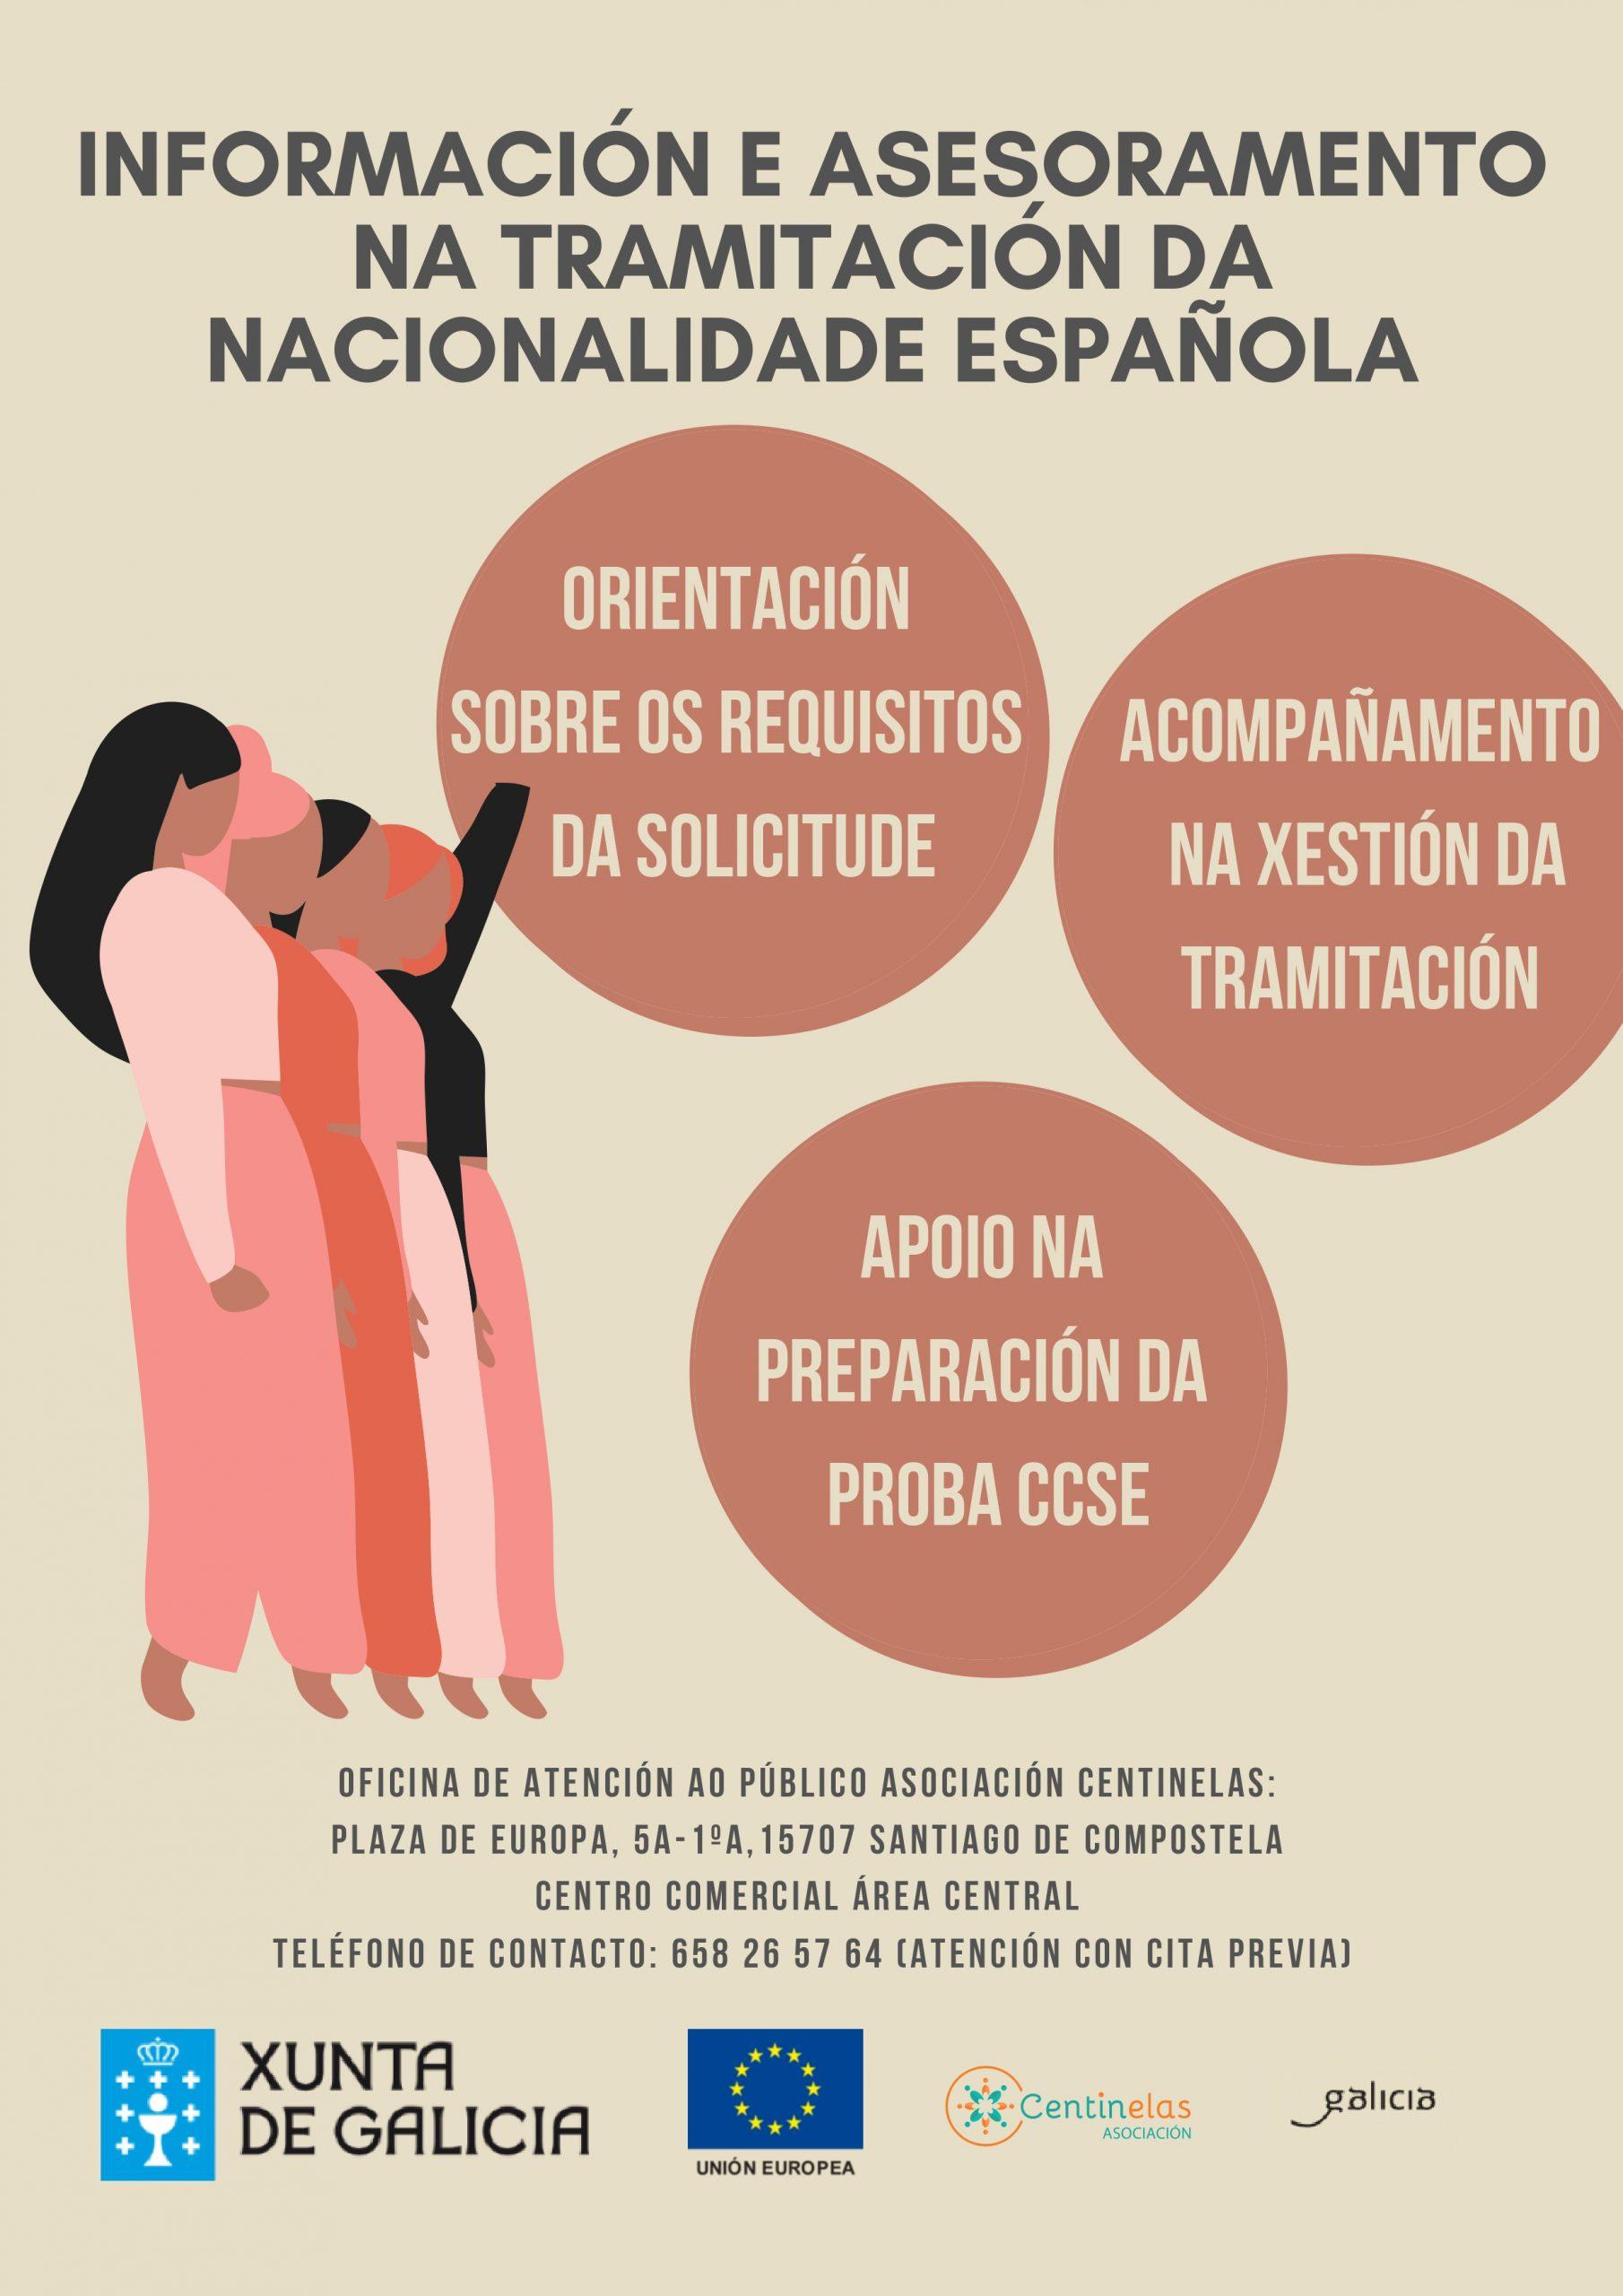 Información e asesoramento na tramitación da nacionalidade española.